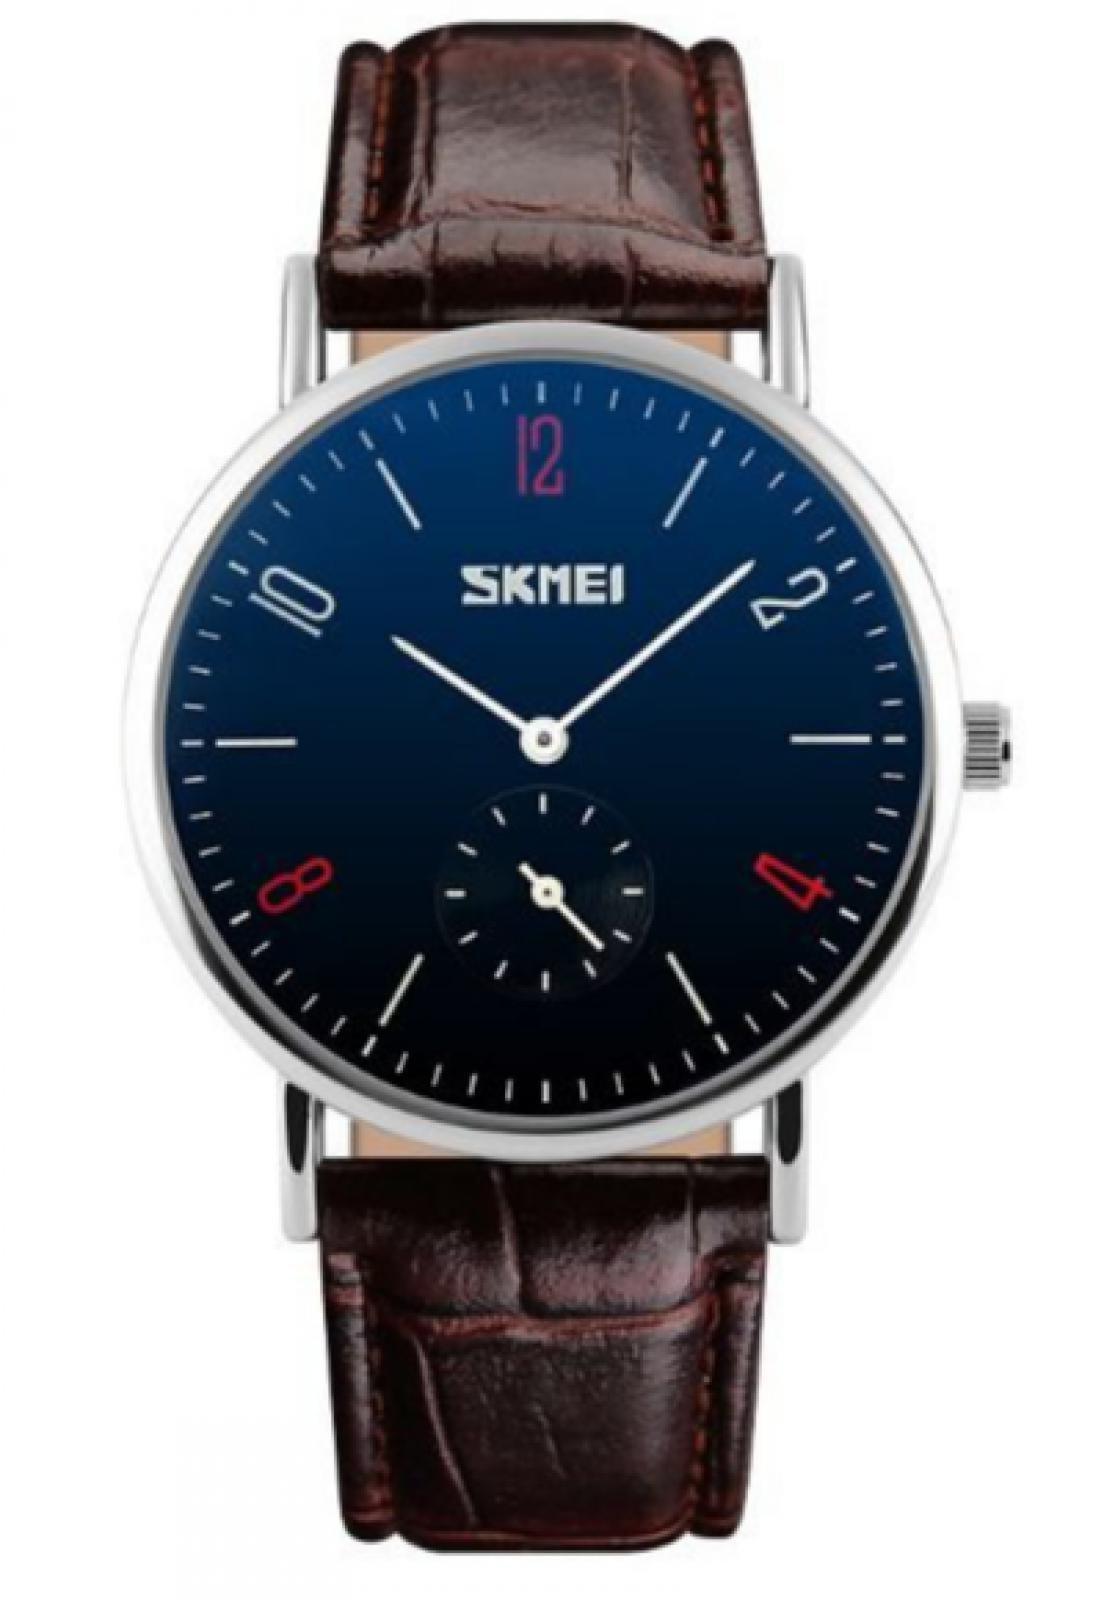 59f950fedc2 Relógio Skmei Analógico 9120 Preto - Compre Agora